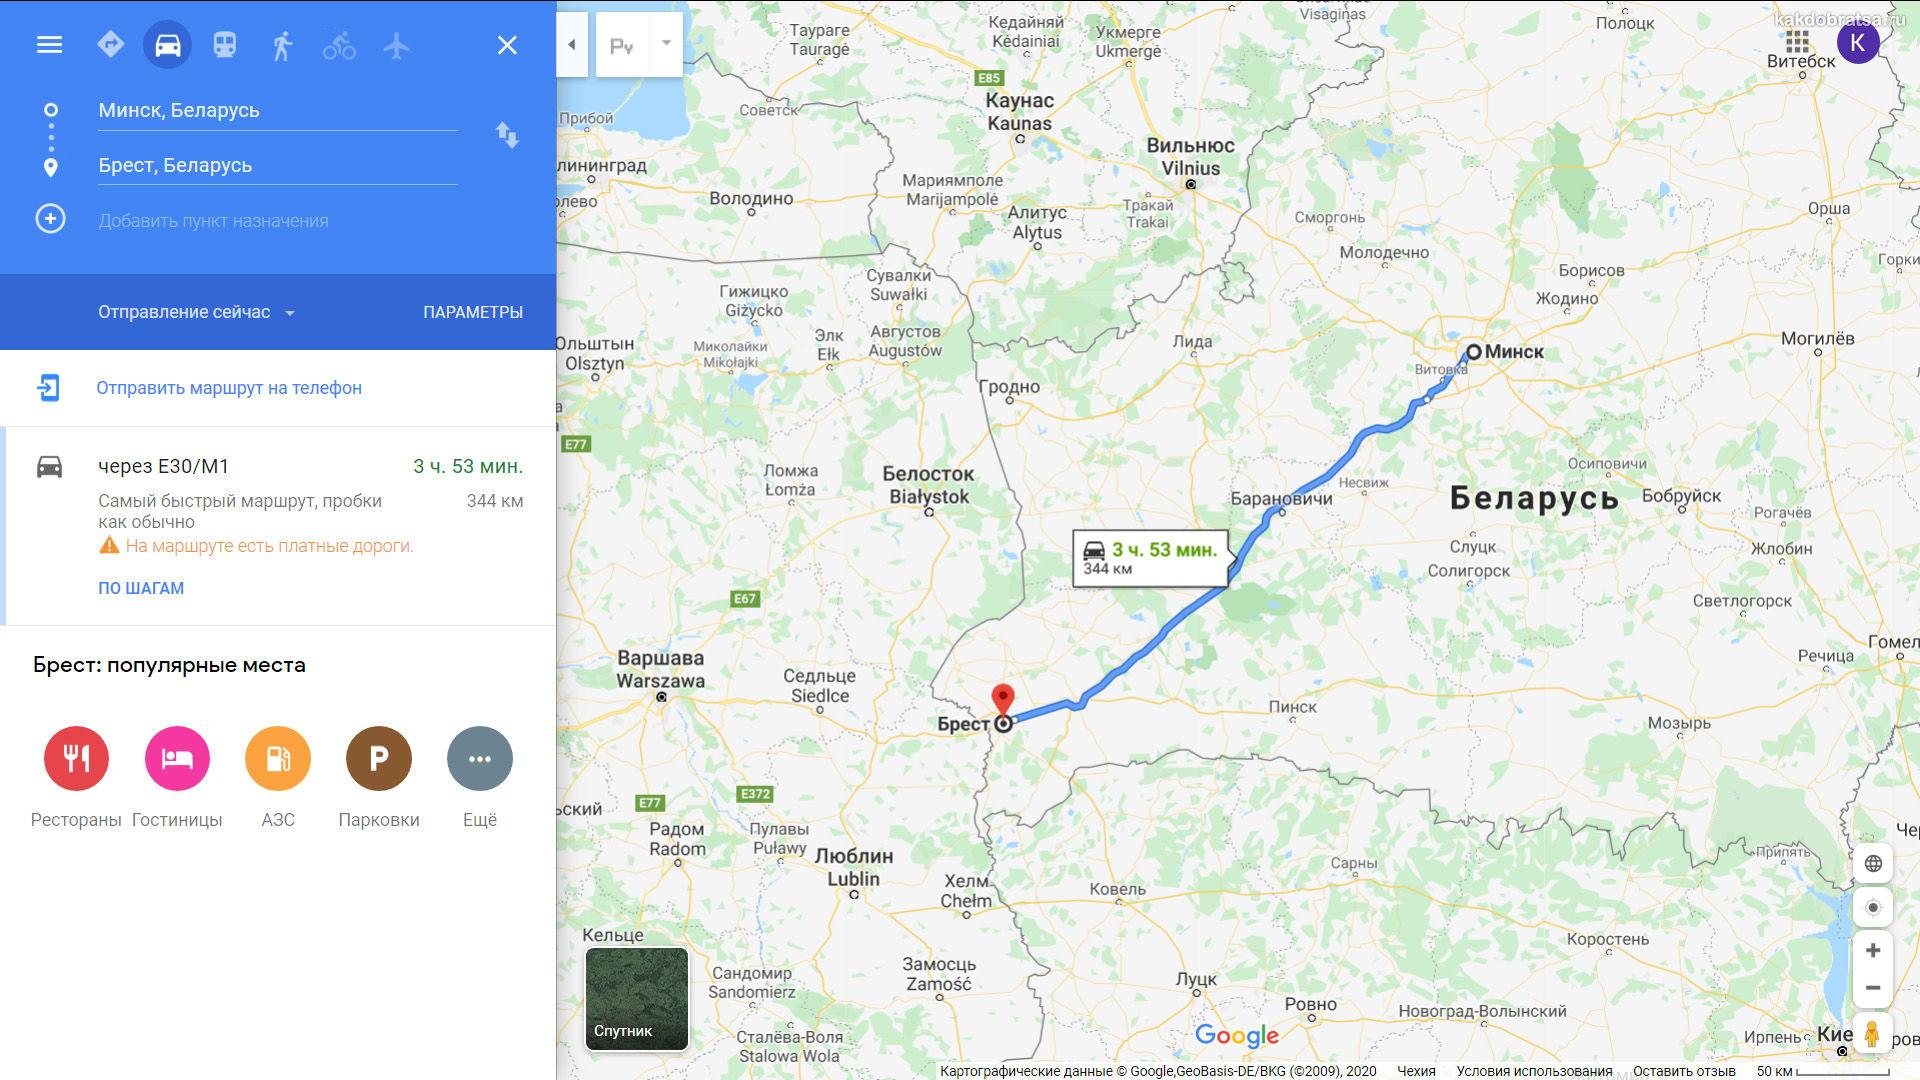 Как добраться из Минска в Брест - карта